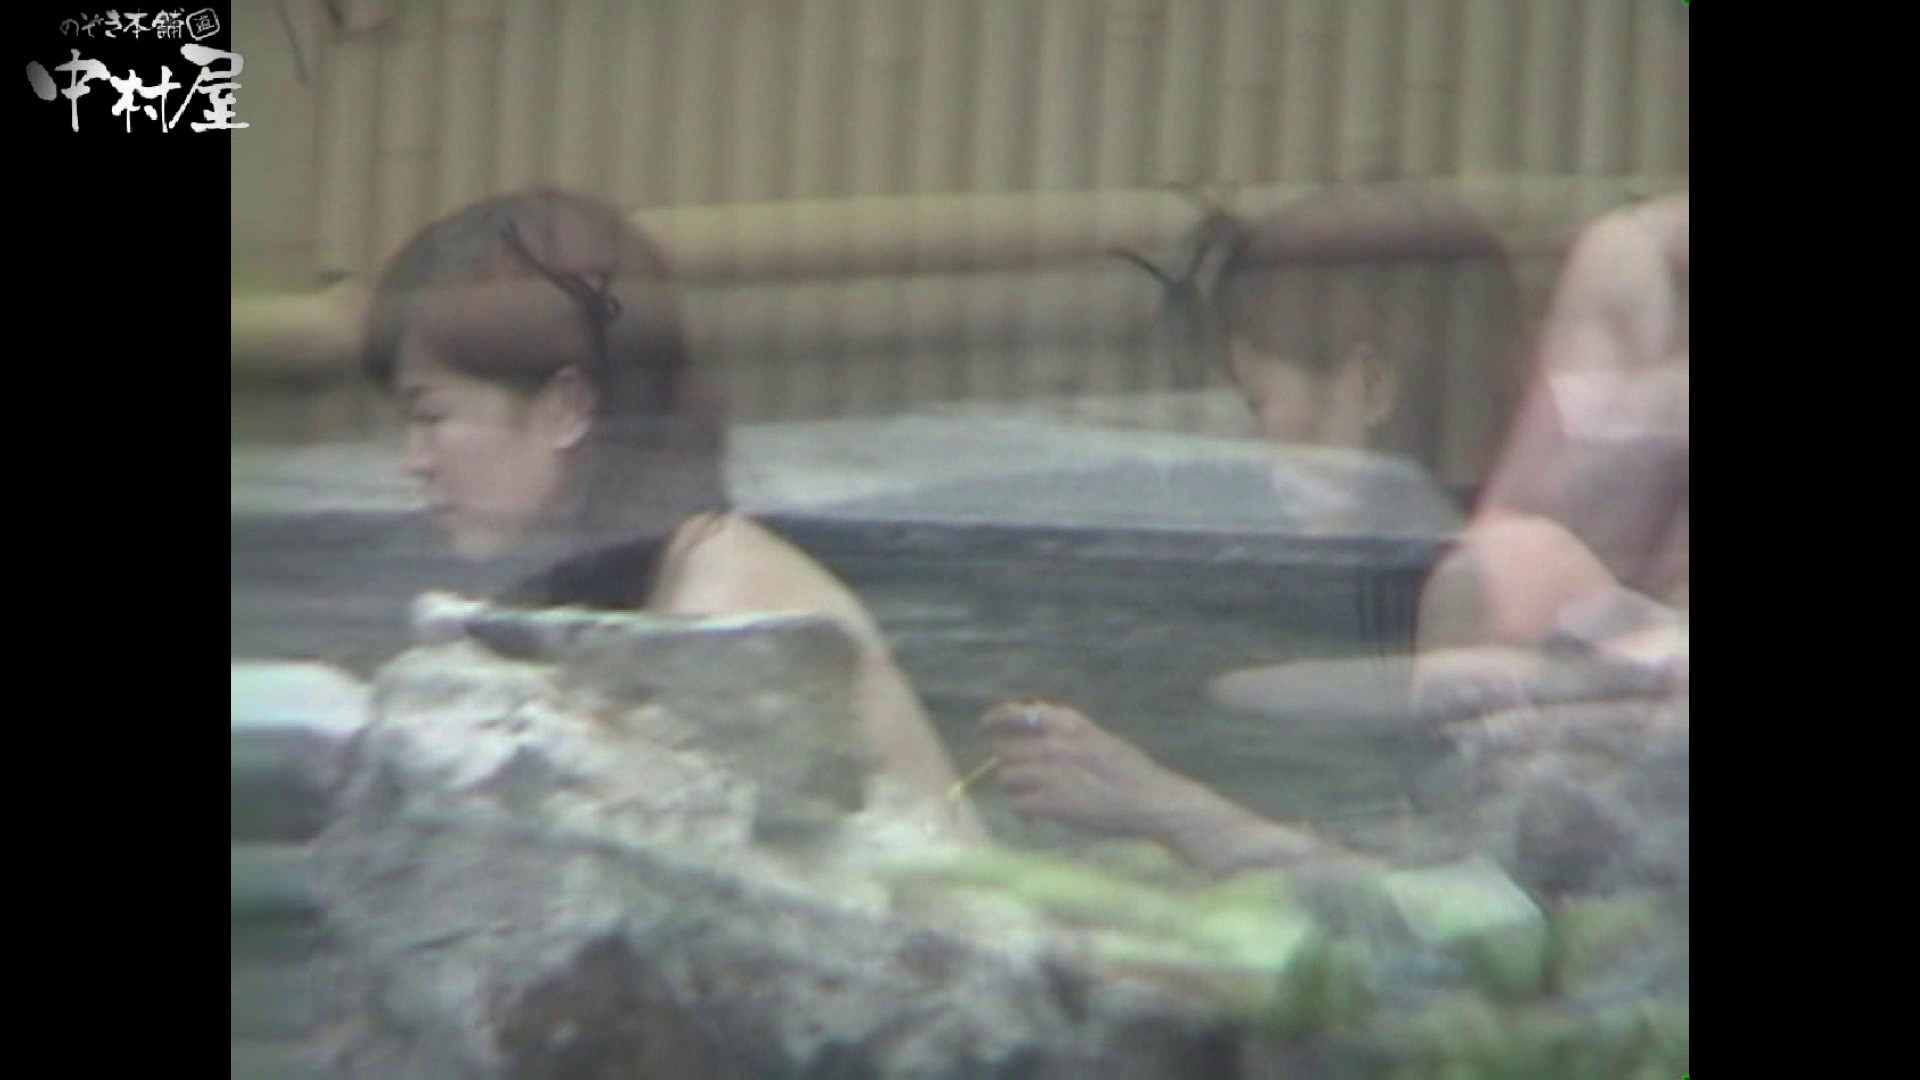 Aquaな露天風呂Vol.962 美しいOLの裸体 オマンコ無修正動画無料 74pic 53